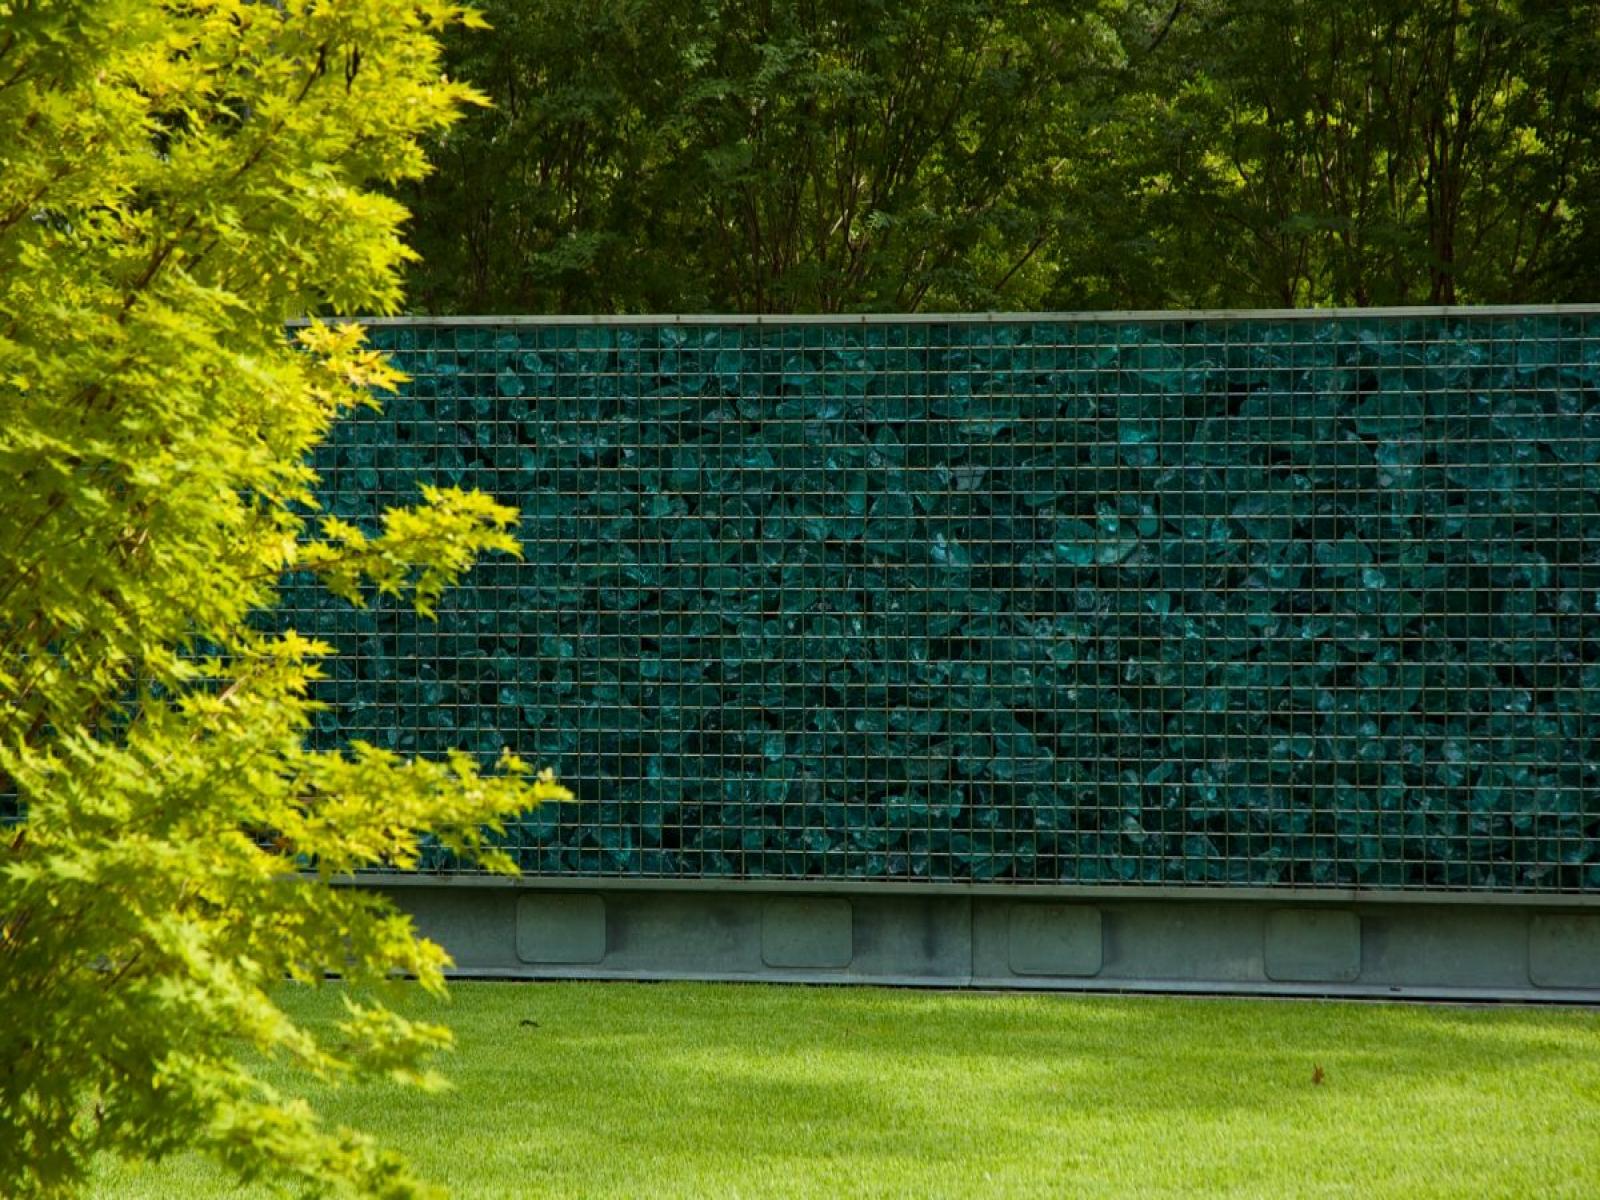 Идеи декорирования забора на даче с использованием маскировочной сетки